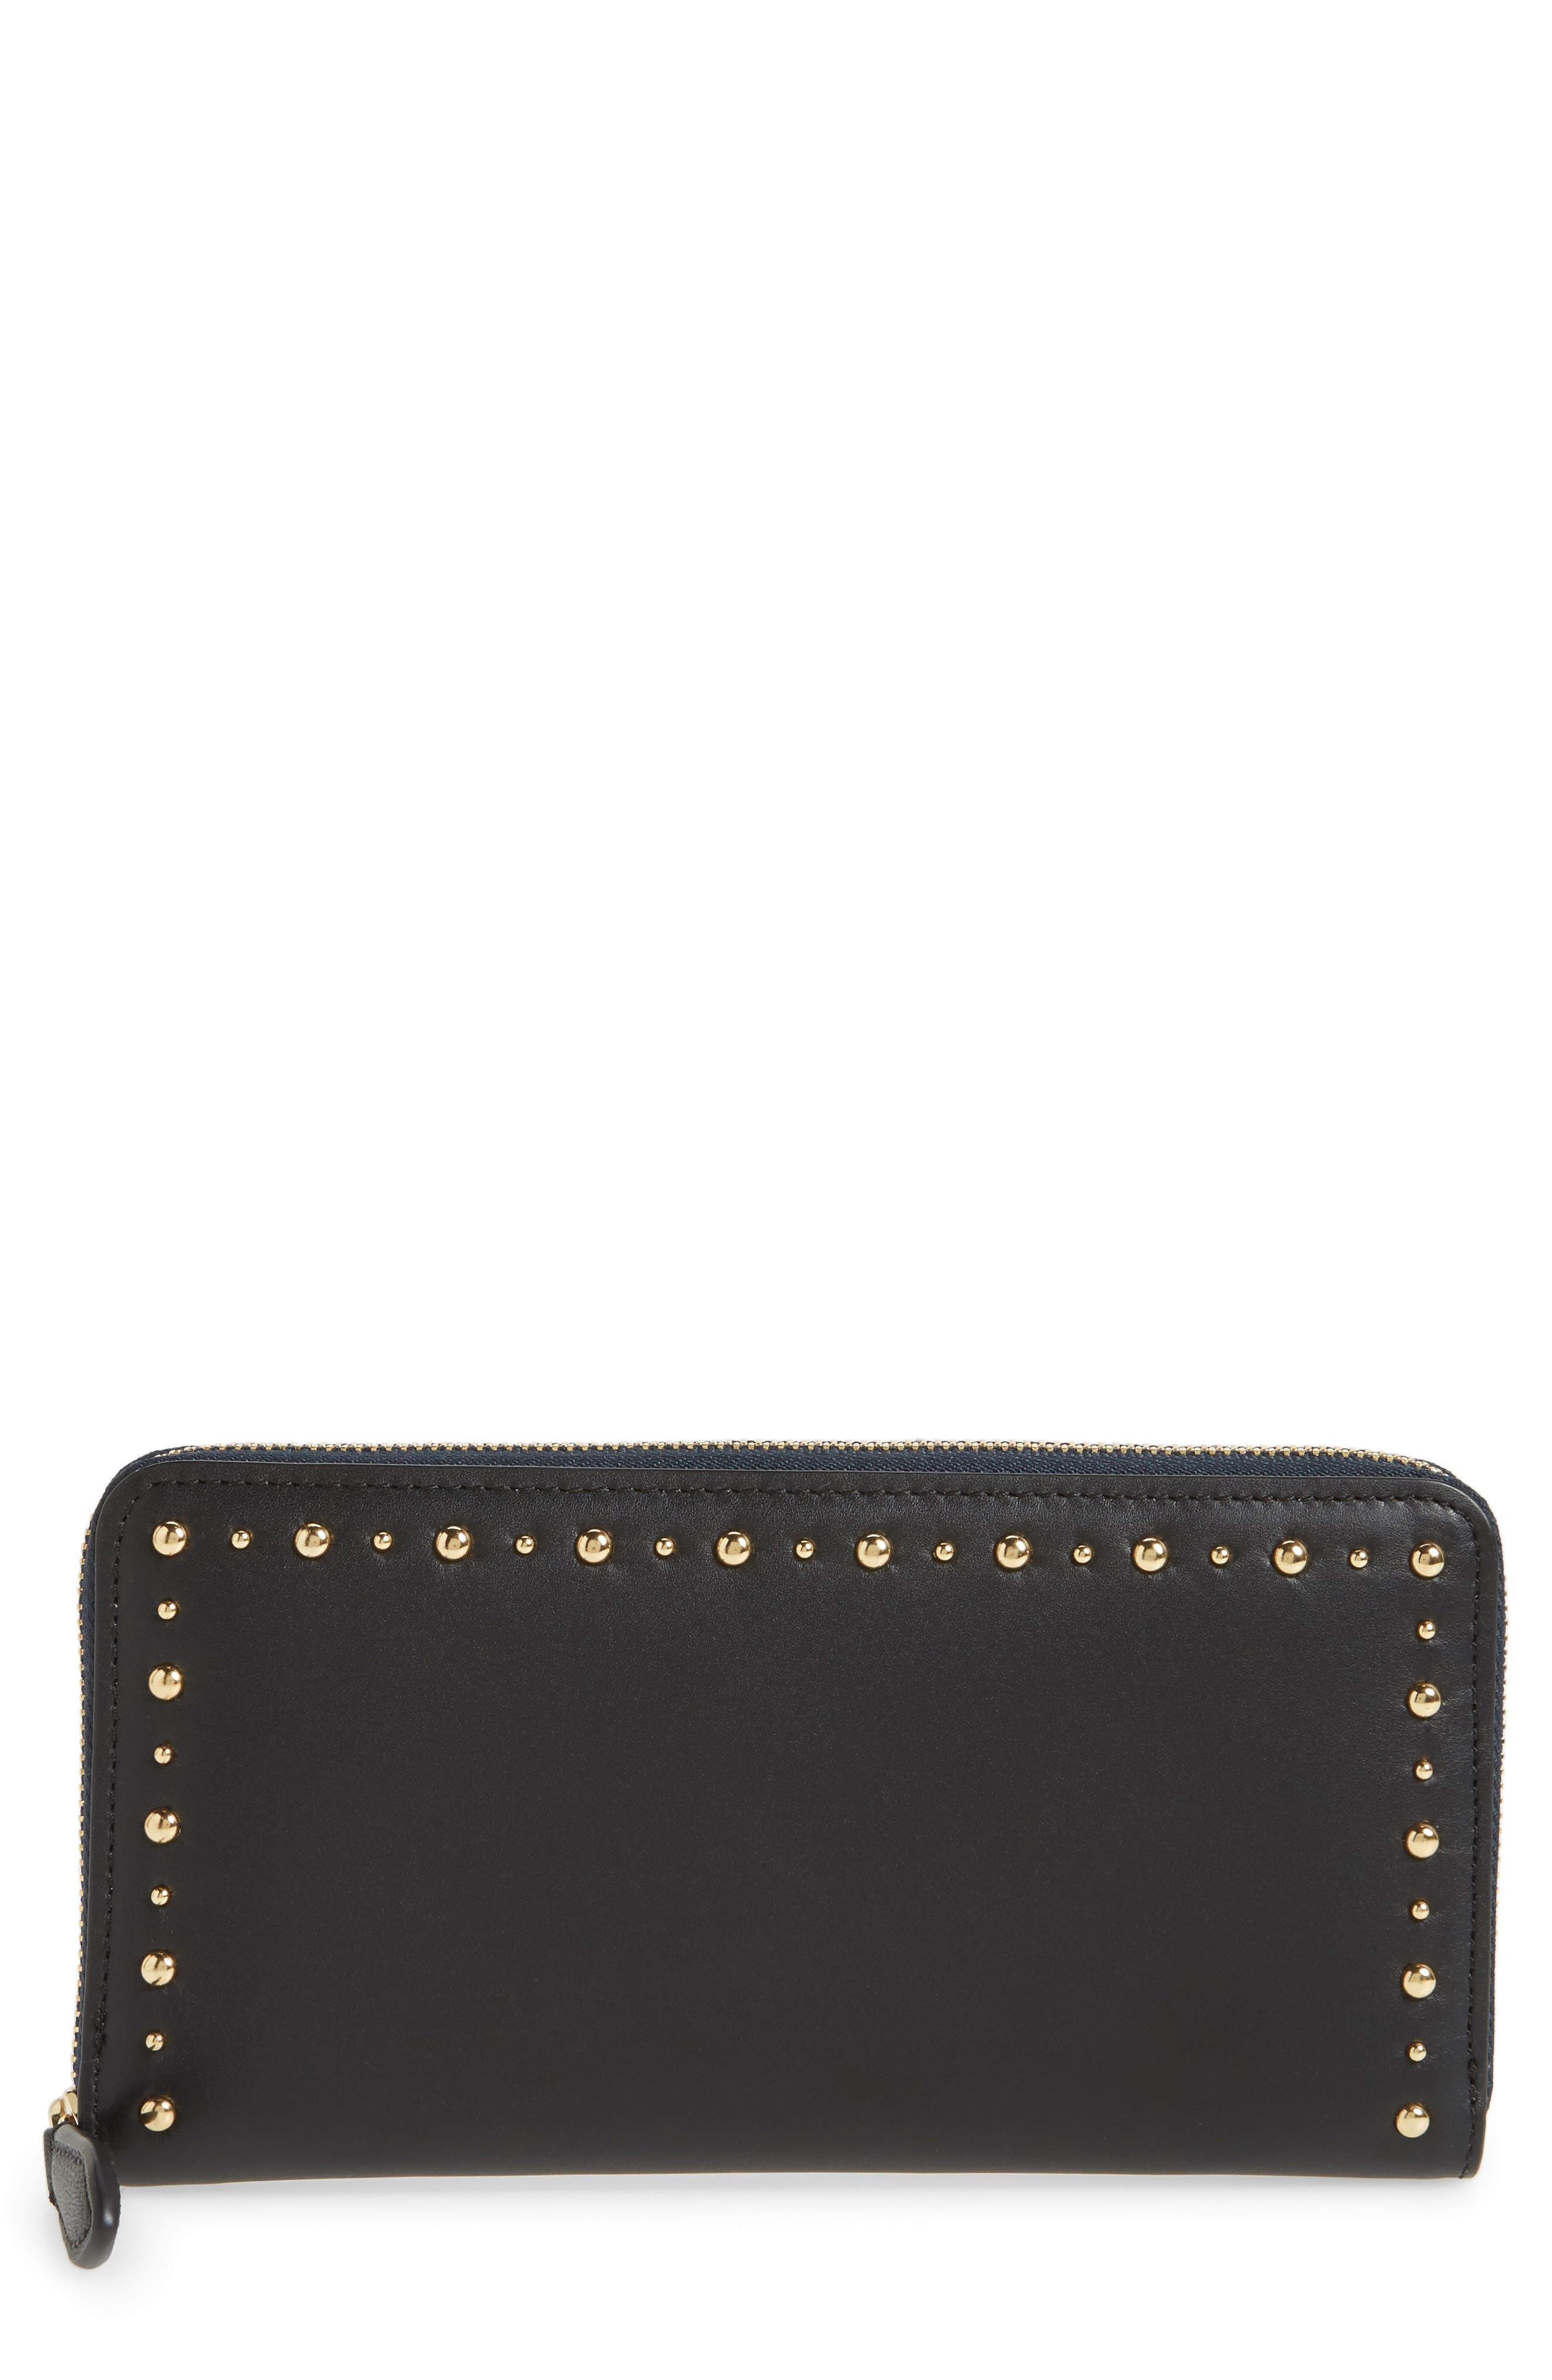 Diane von Furstenberg Studded Zip Around Leather Wallet